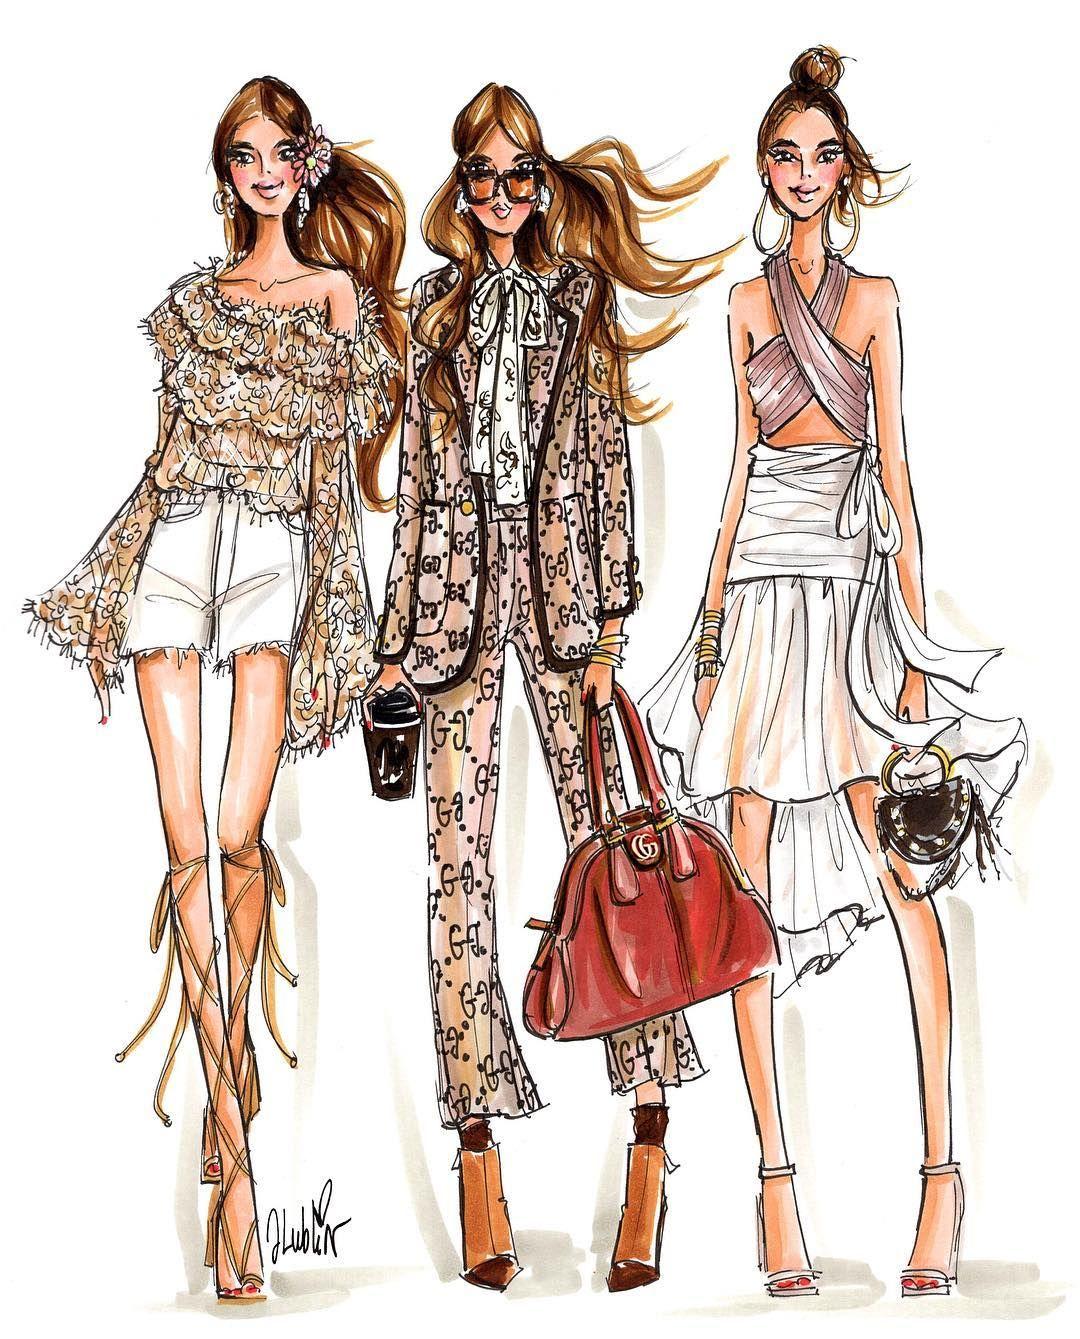 Принцесса, картинки про моду и стиль нарисованные